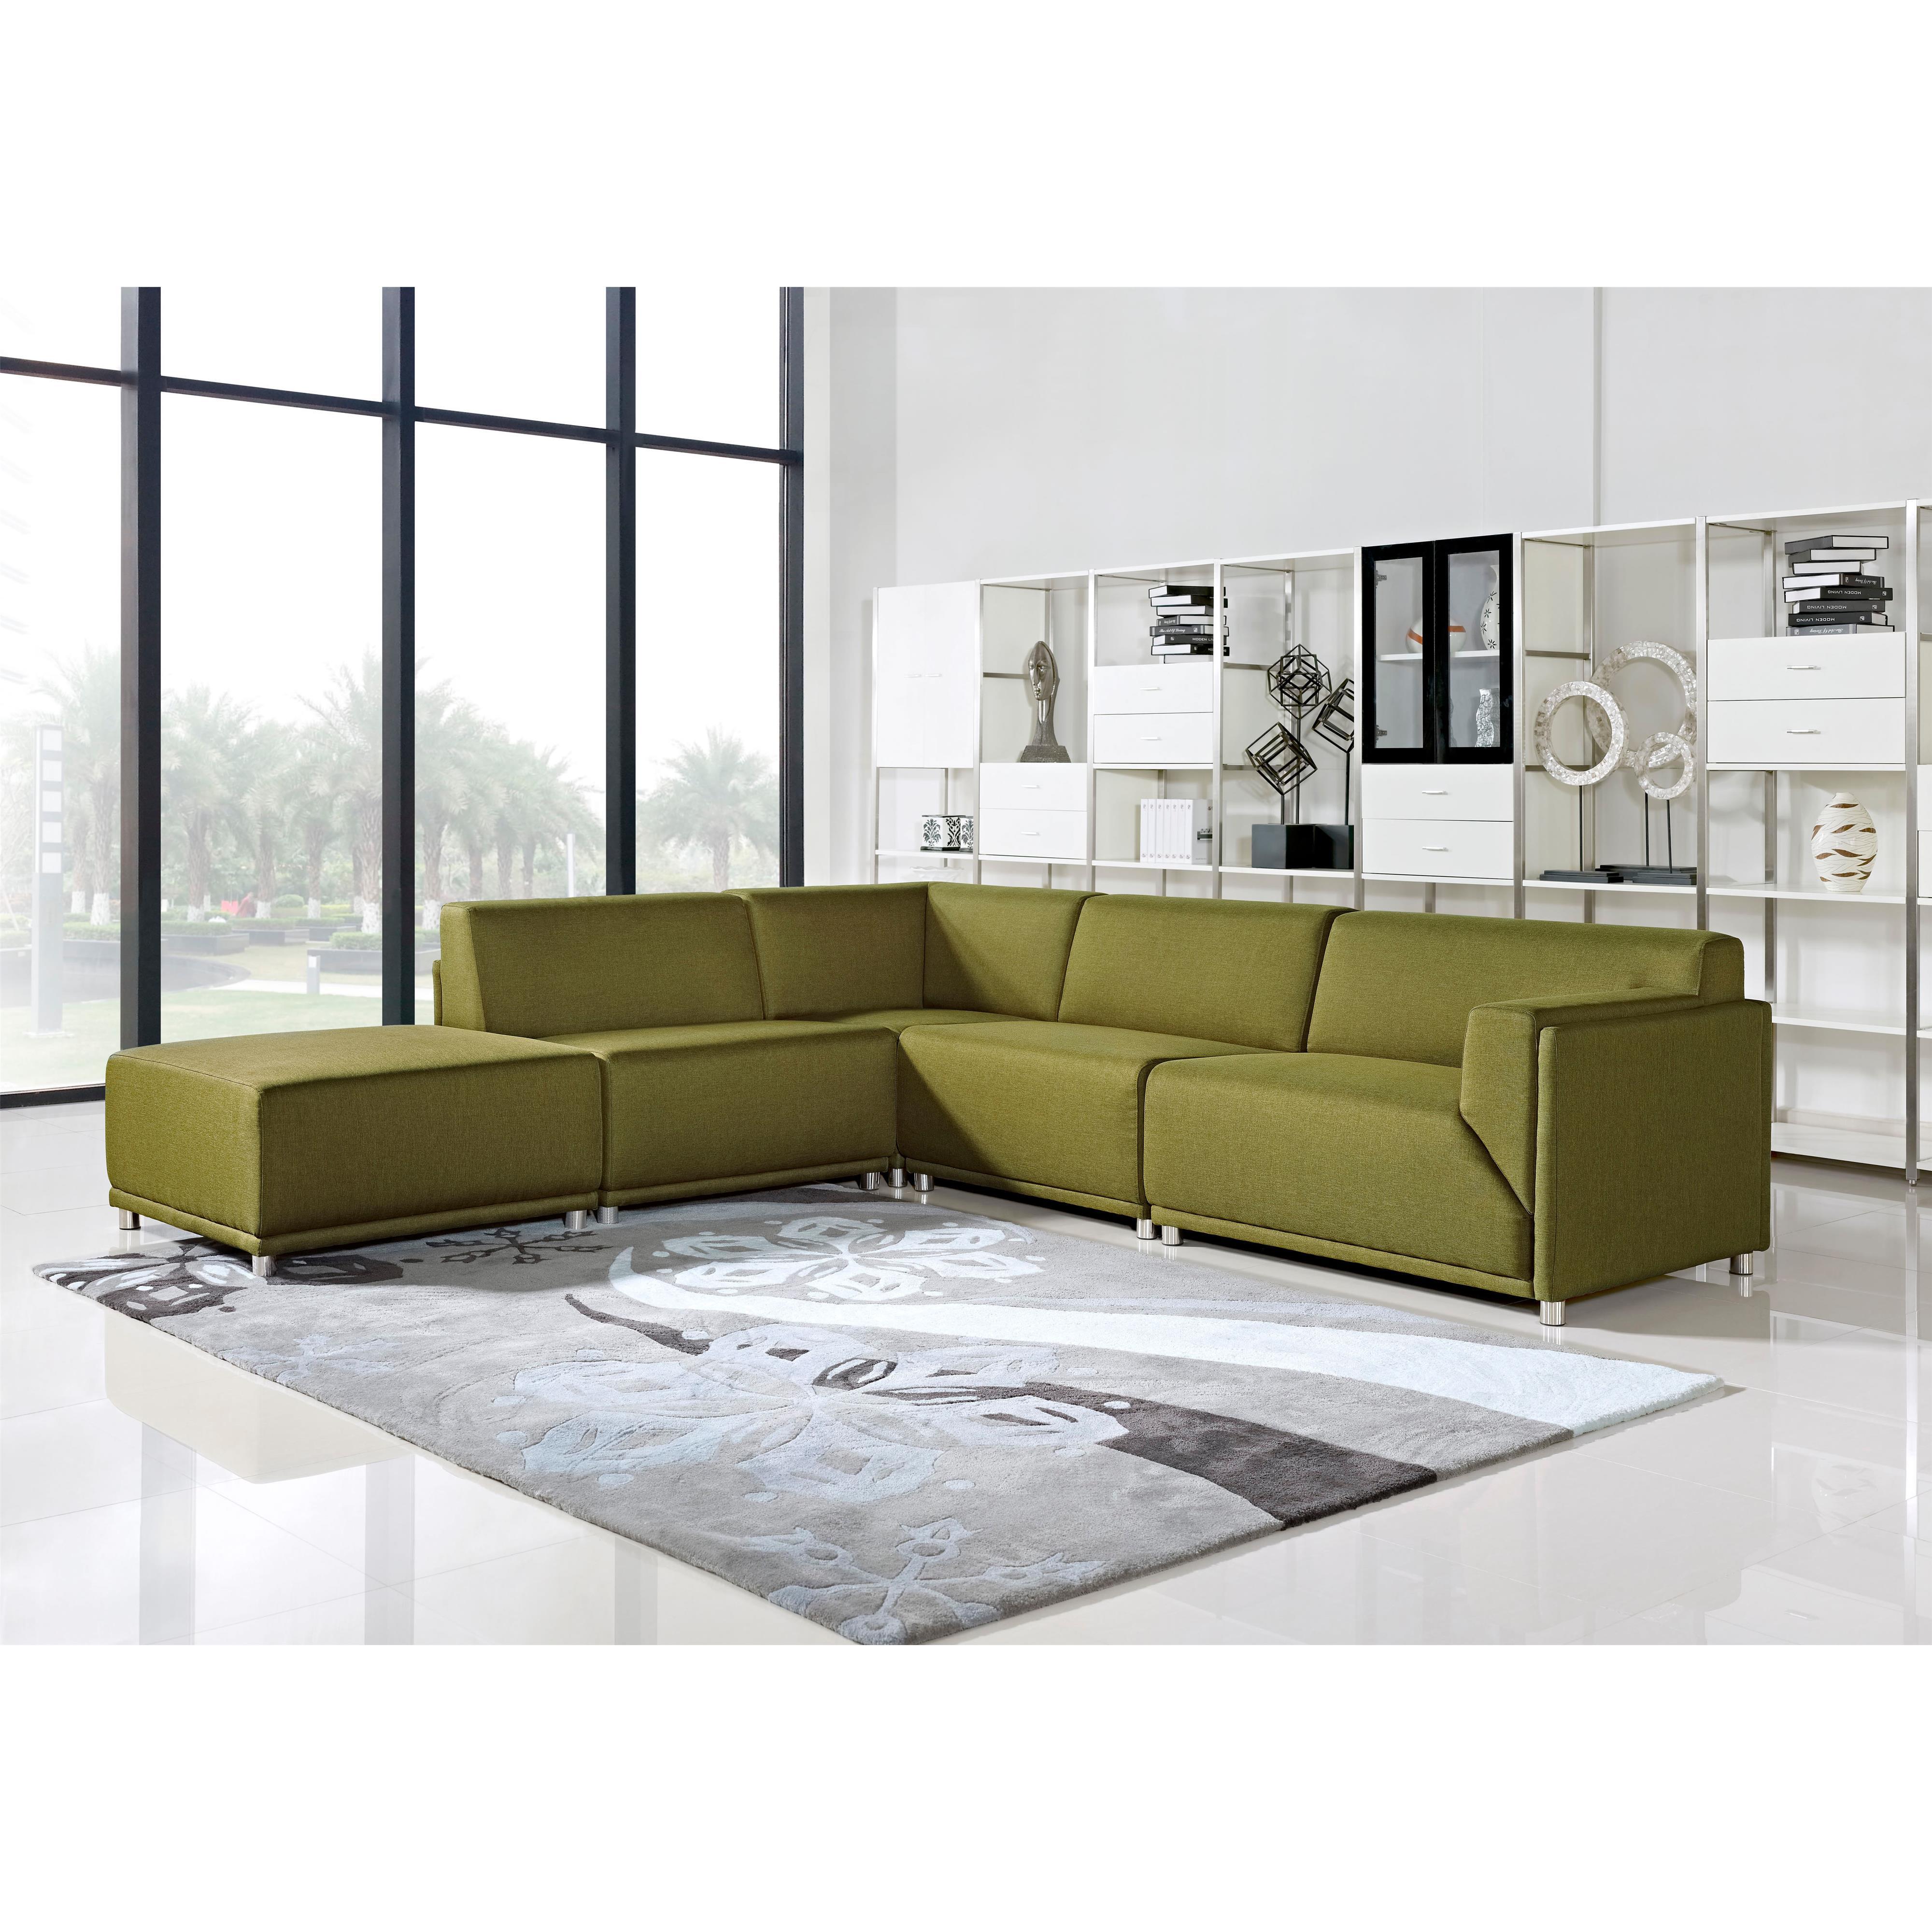 Diamond Sofa Moderna Right Facing Five Piece Modular Sofa - Item Number: MODERNARF5PCGN